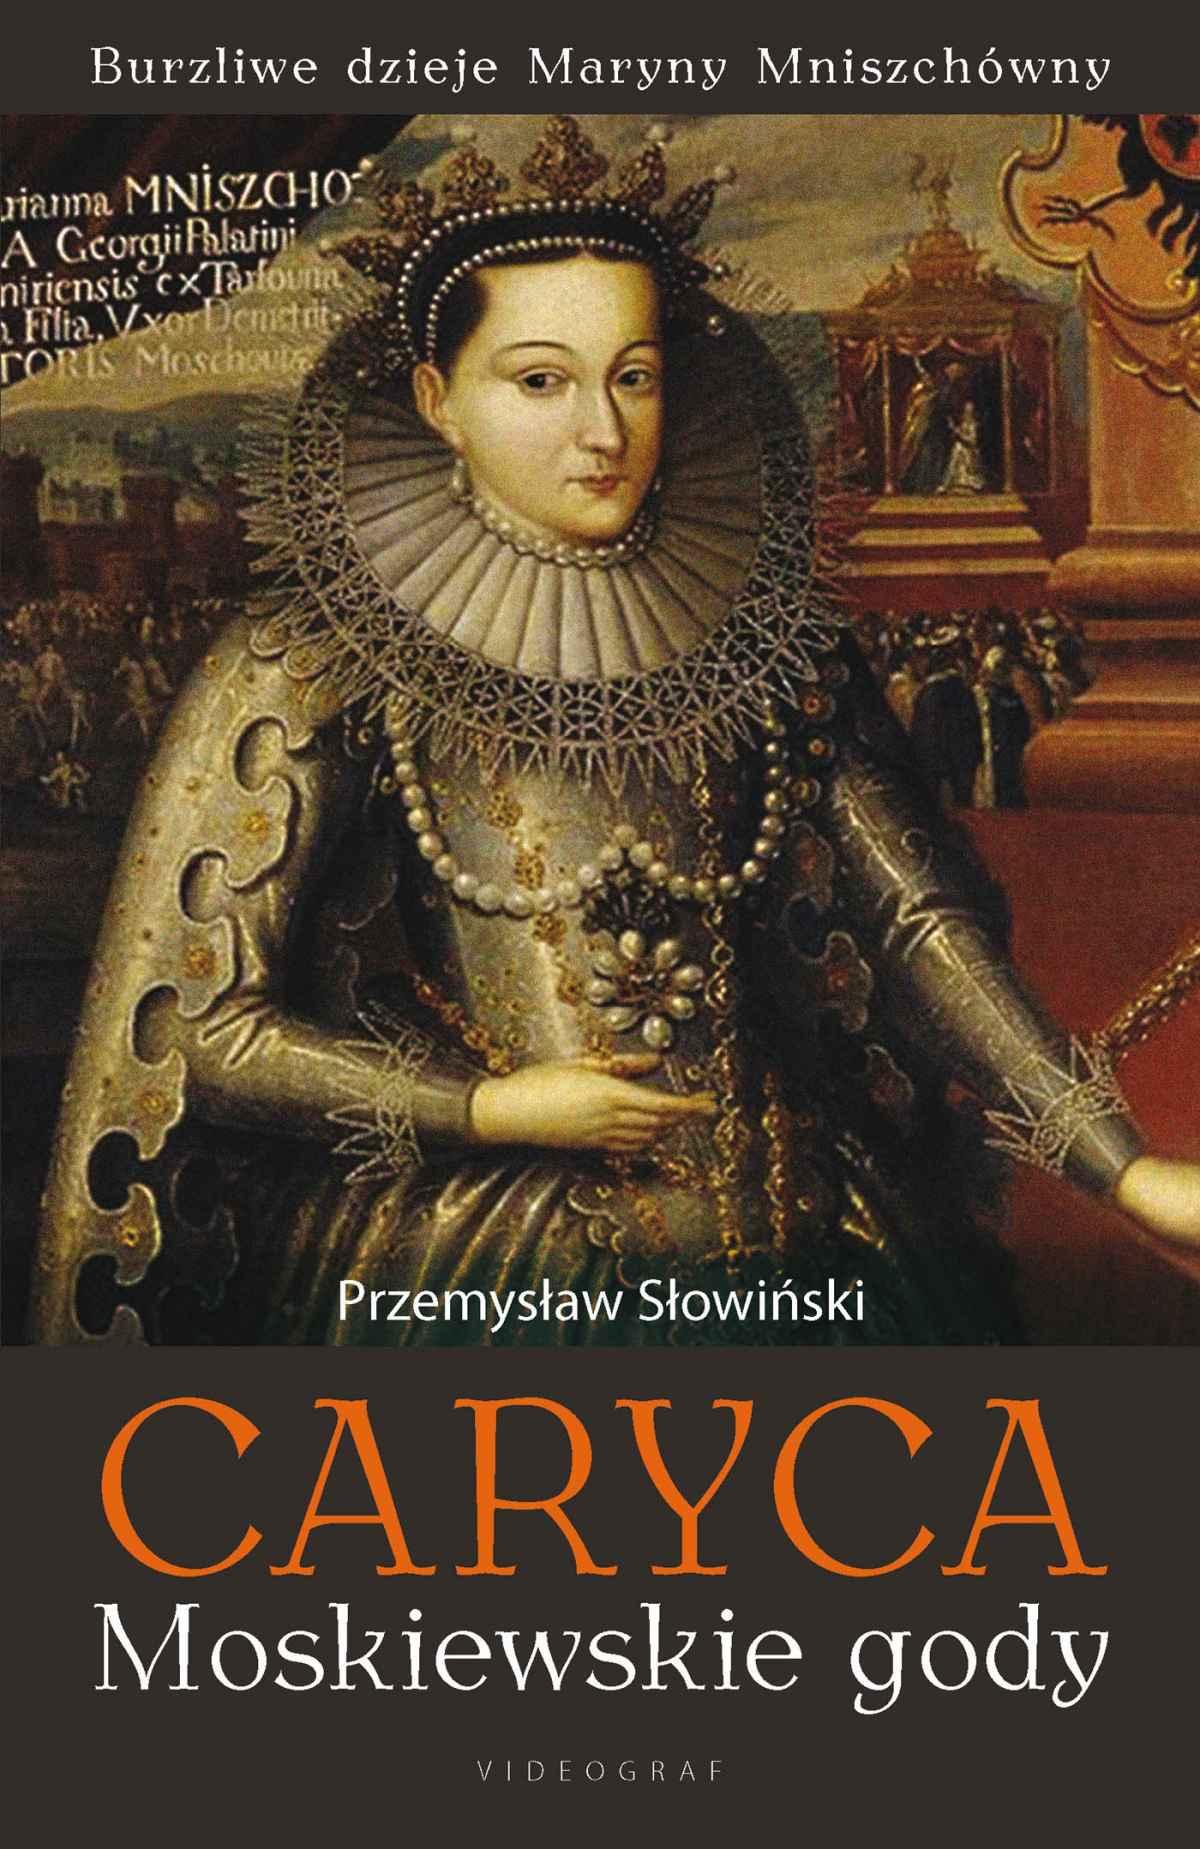 Caryca. Moskiewskie gody - Ebook (Książka na Kindle) do pobrania w formacie MOBI